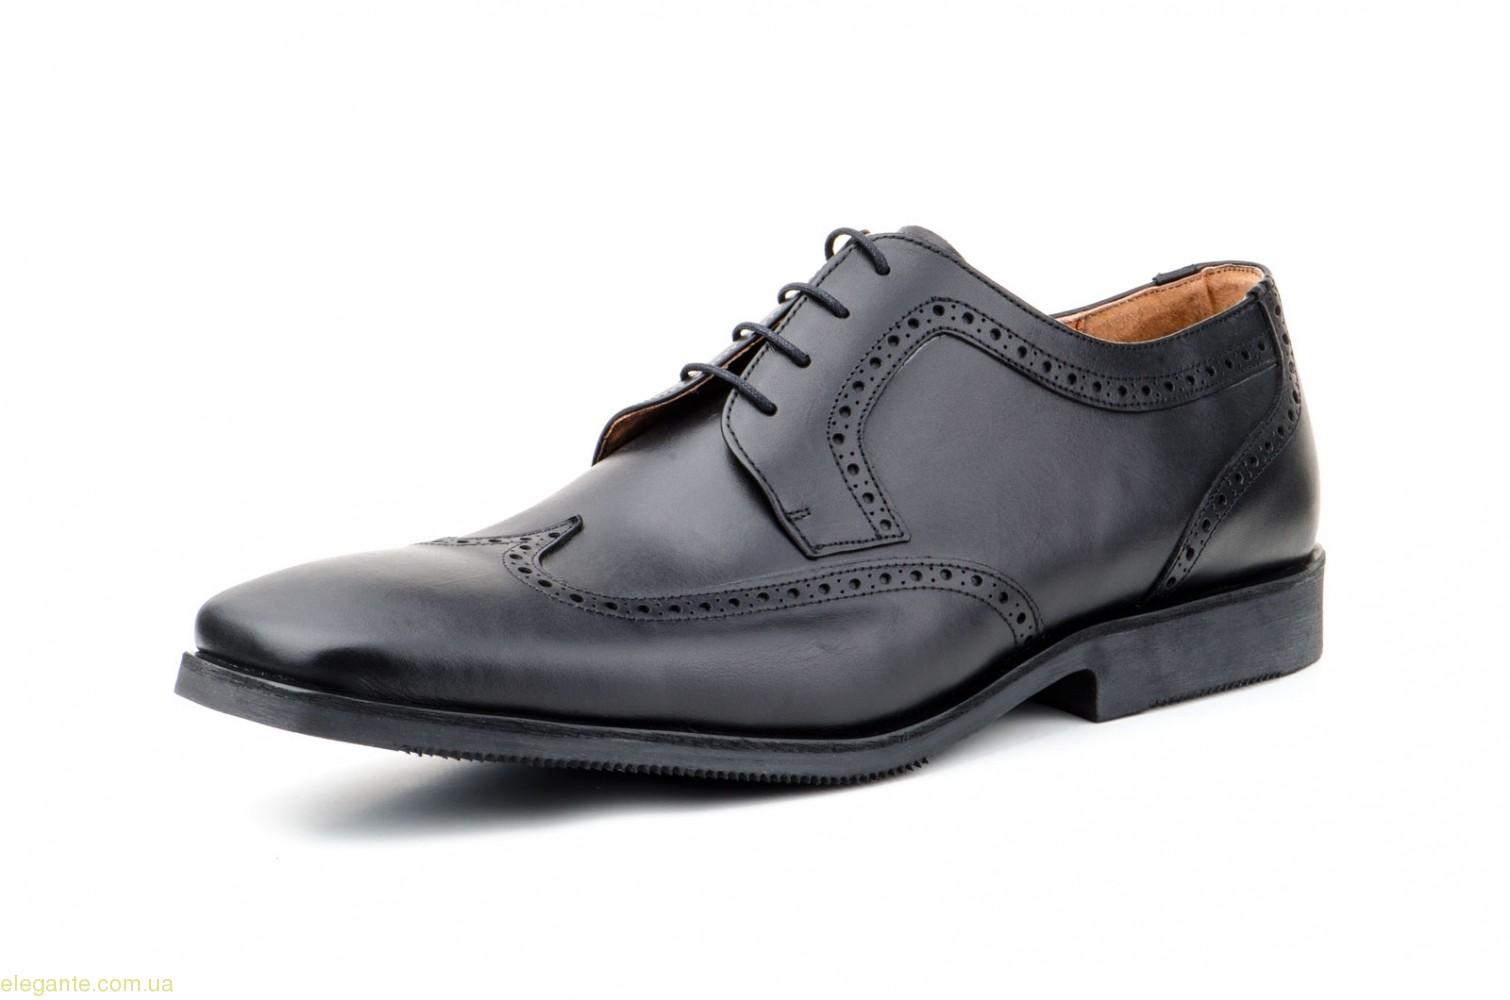 Чоловічі туфлі дербі CARLO GARELLI xxl чорні 0